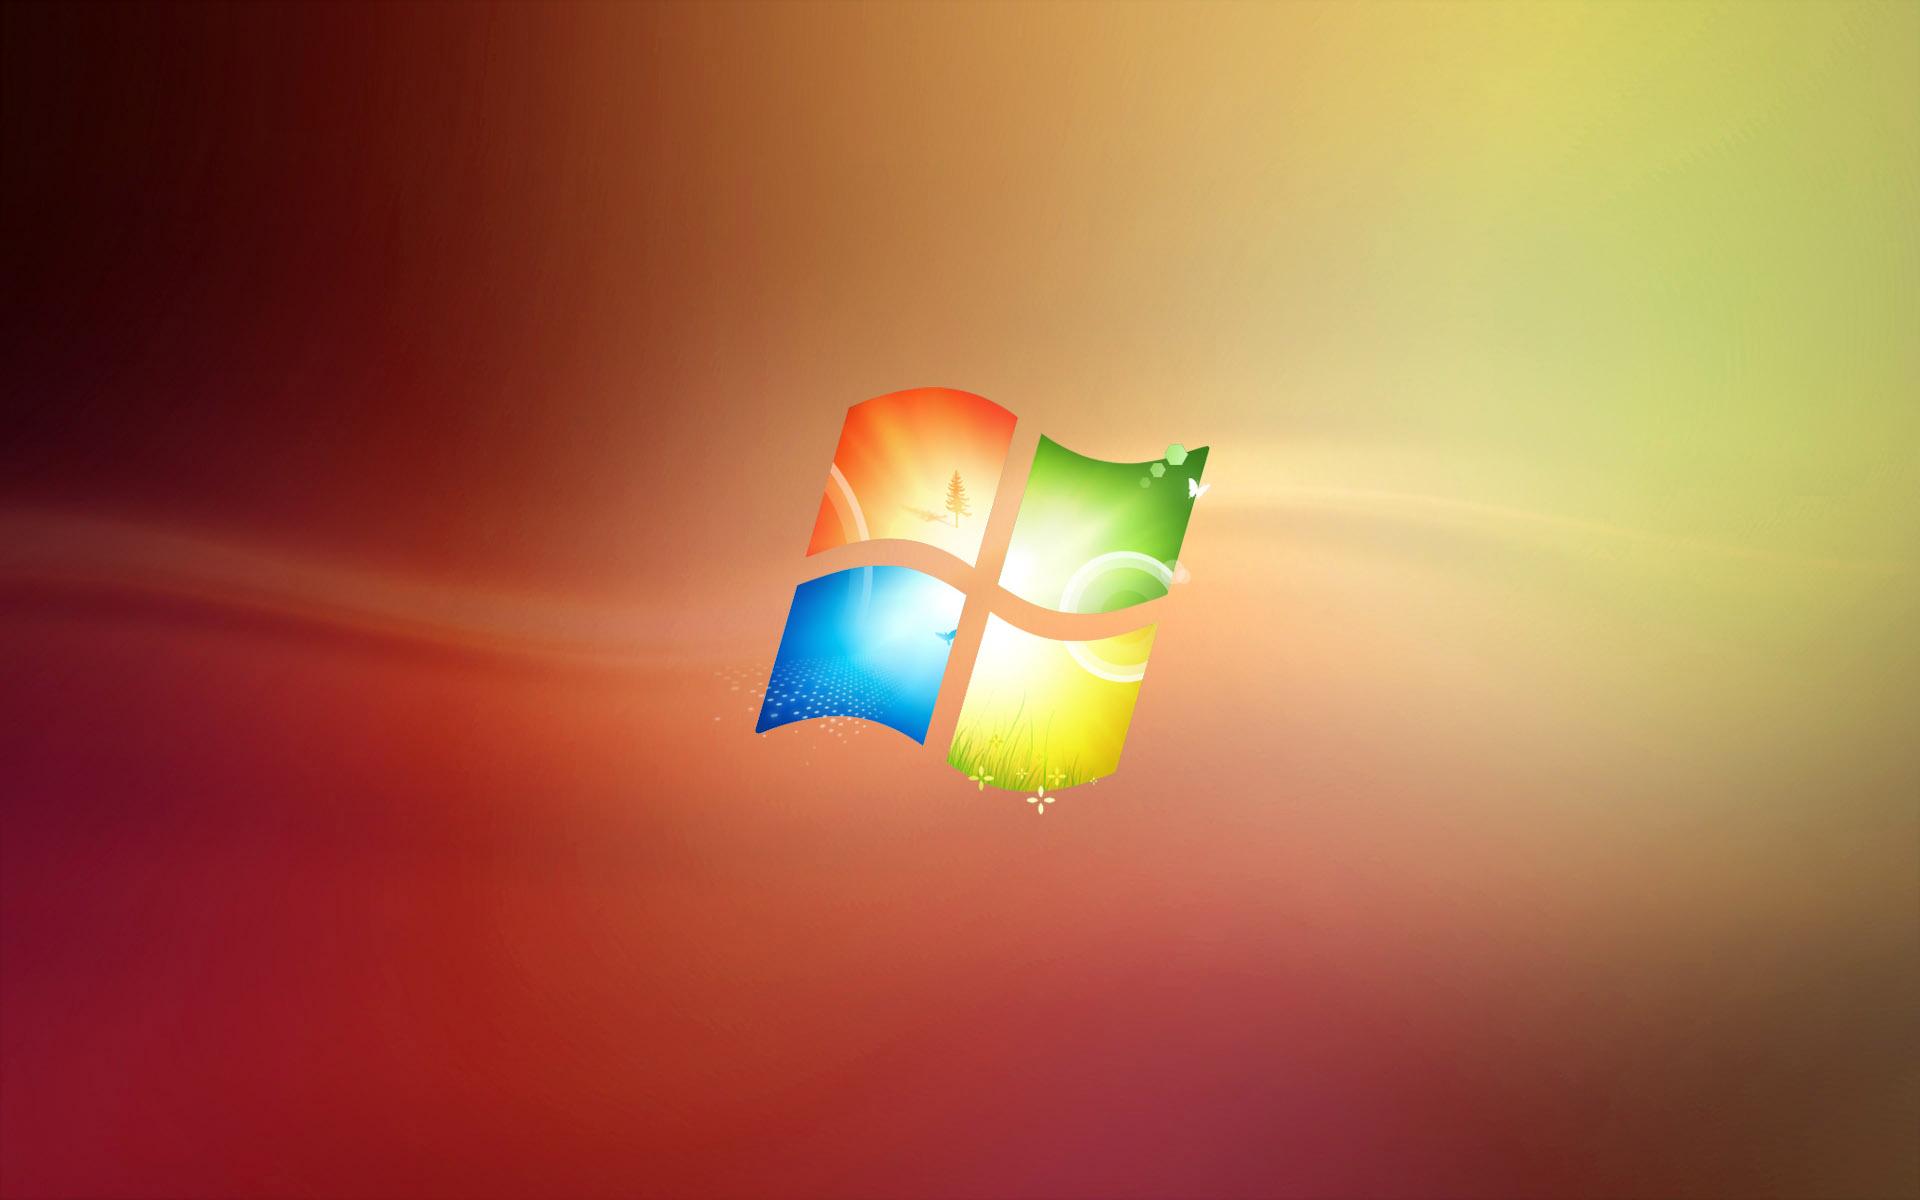 Hd wallpaper themes - Windows 7 Summer Theme Windows 7 Wallpaper 26875551 Fanpop